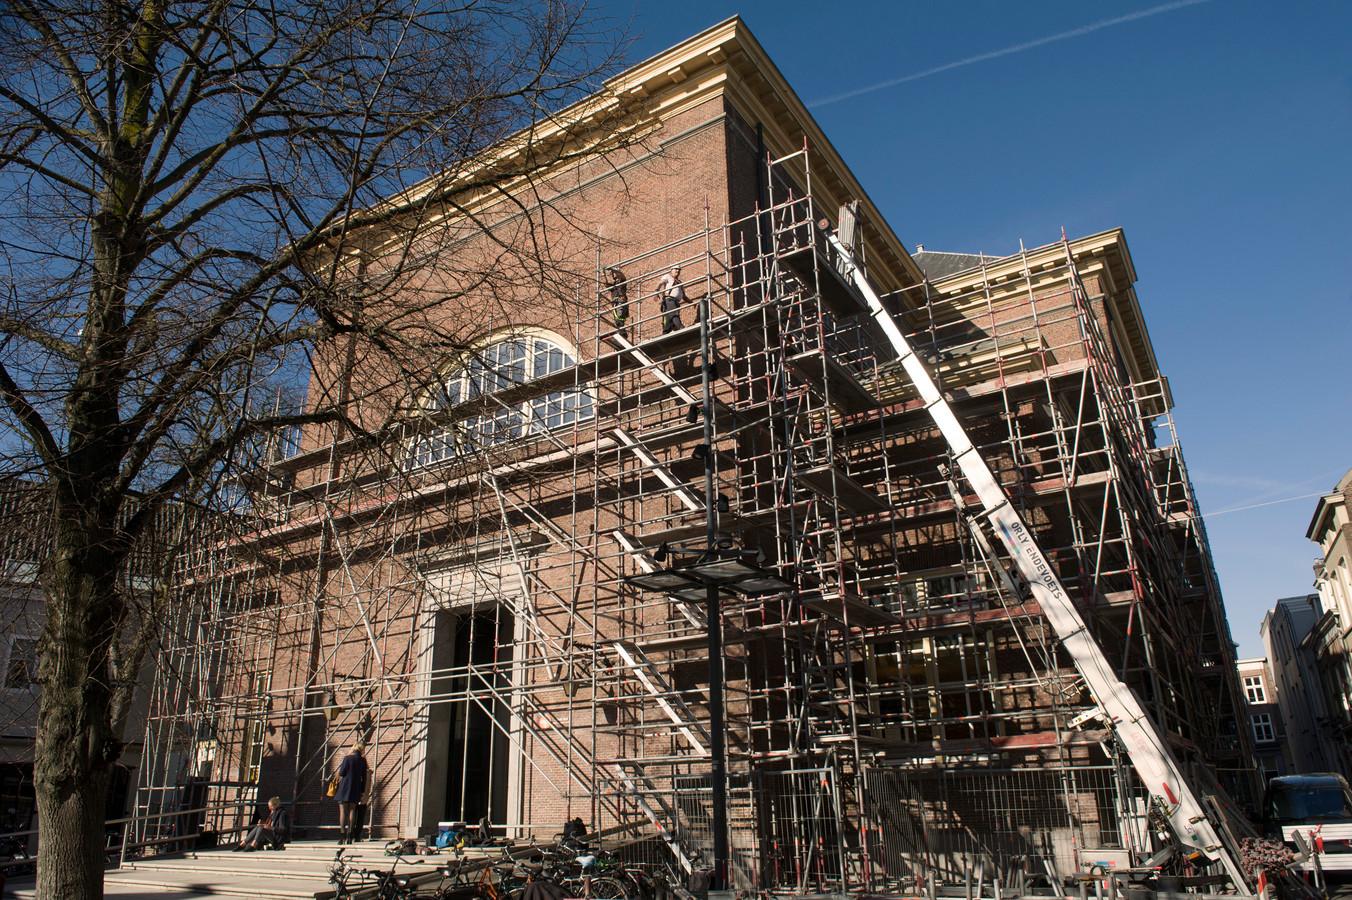 De Grote Kerk aan het Kerkplein wordt in de steigers gezet voor onderhoud